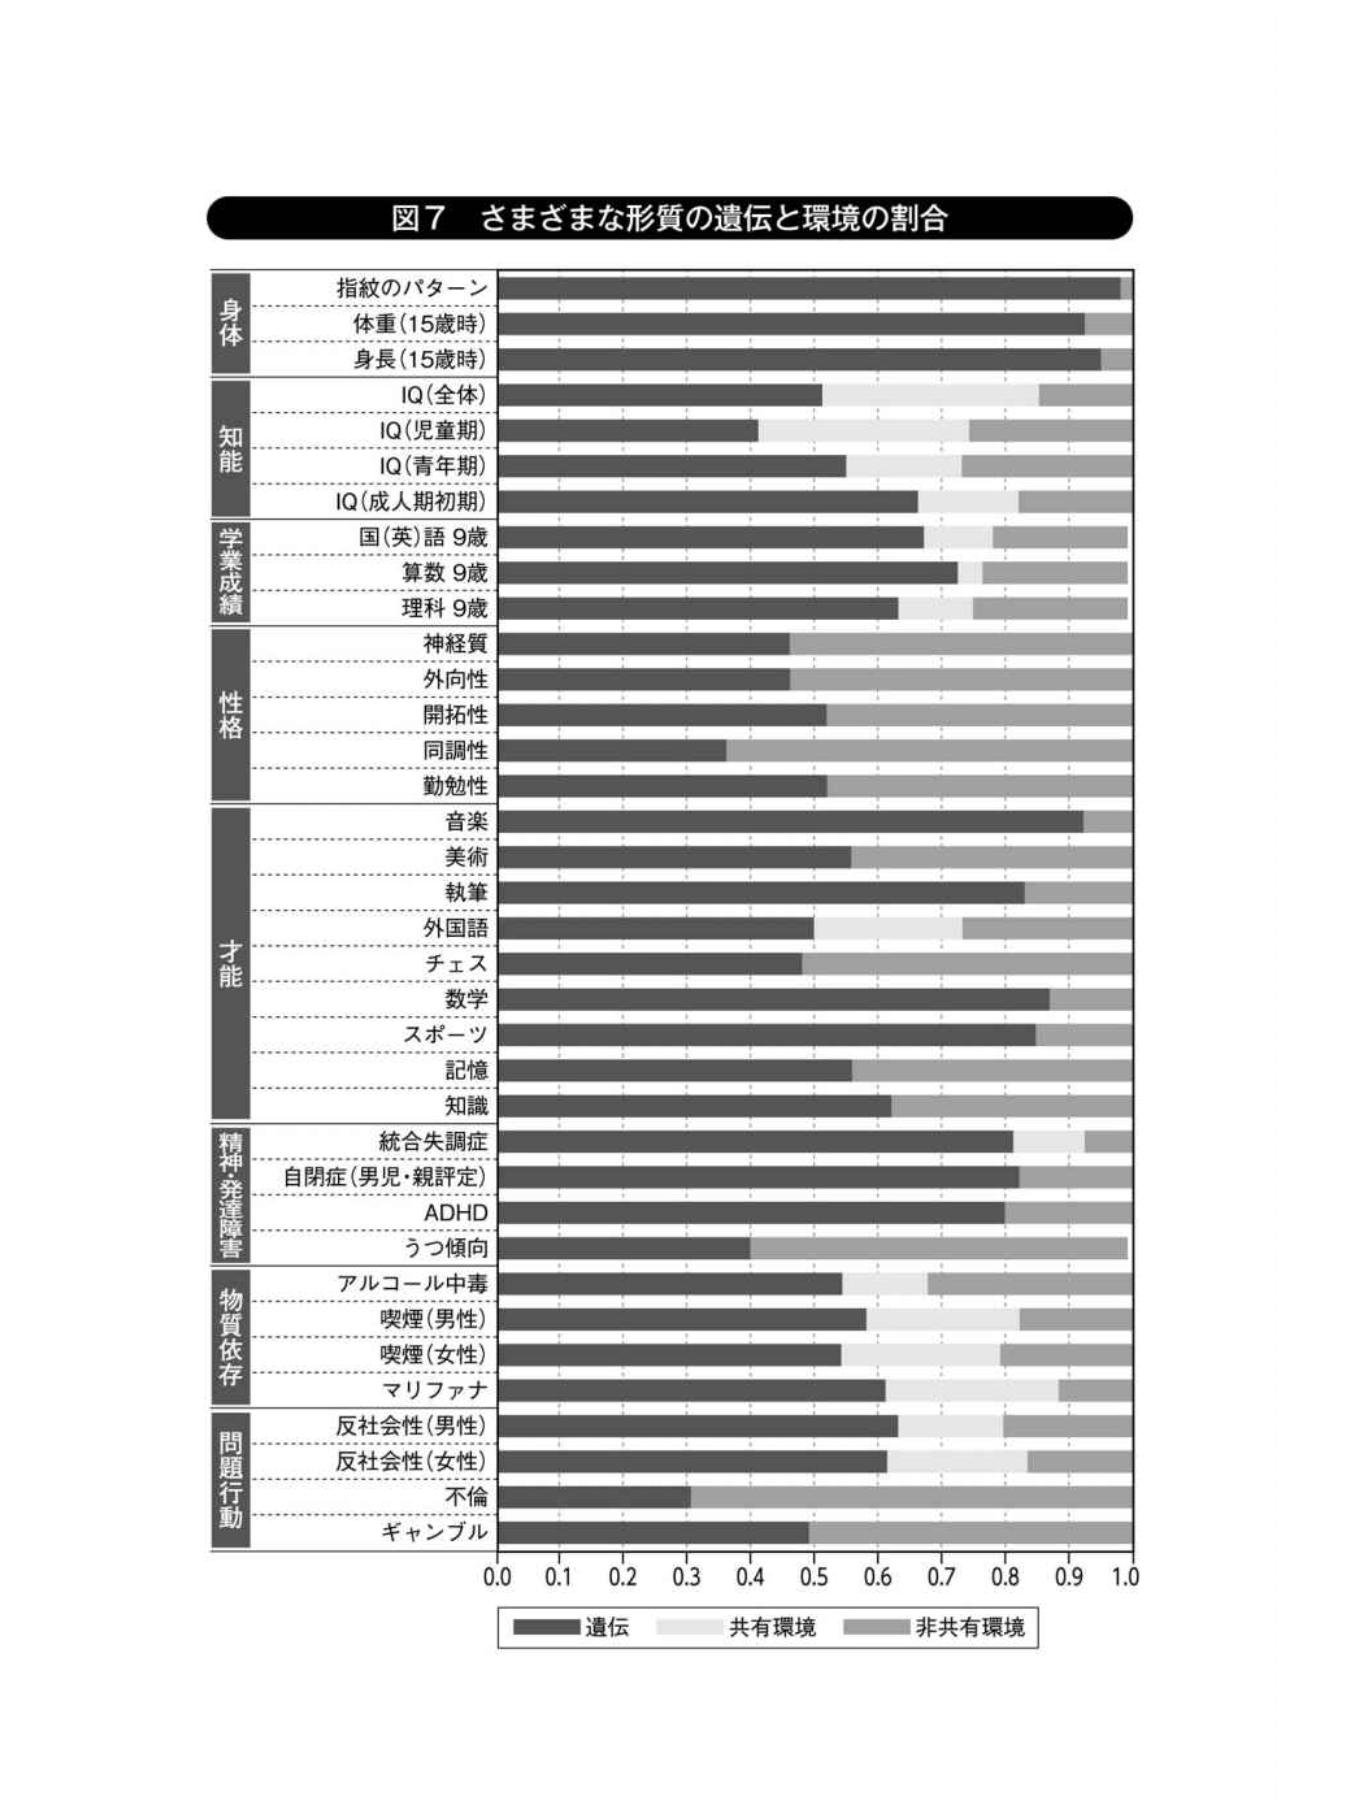 さまざまな分野の遺伝割合グラフ